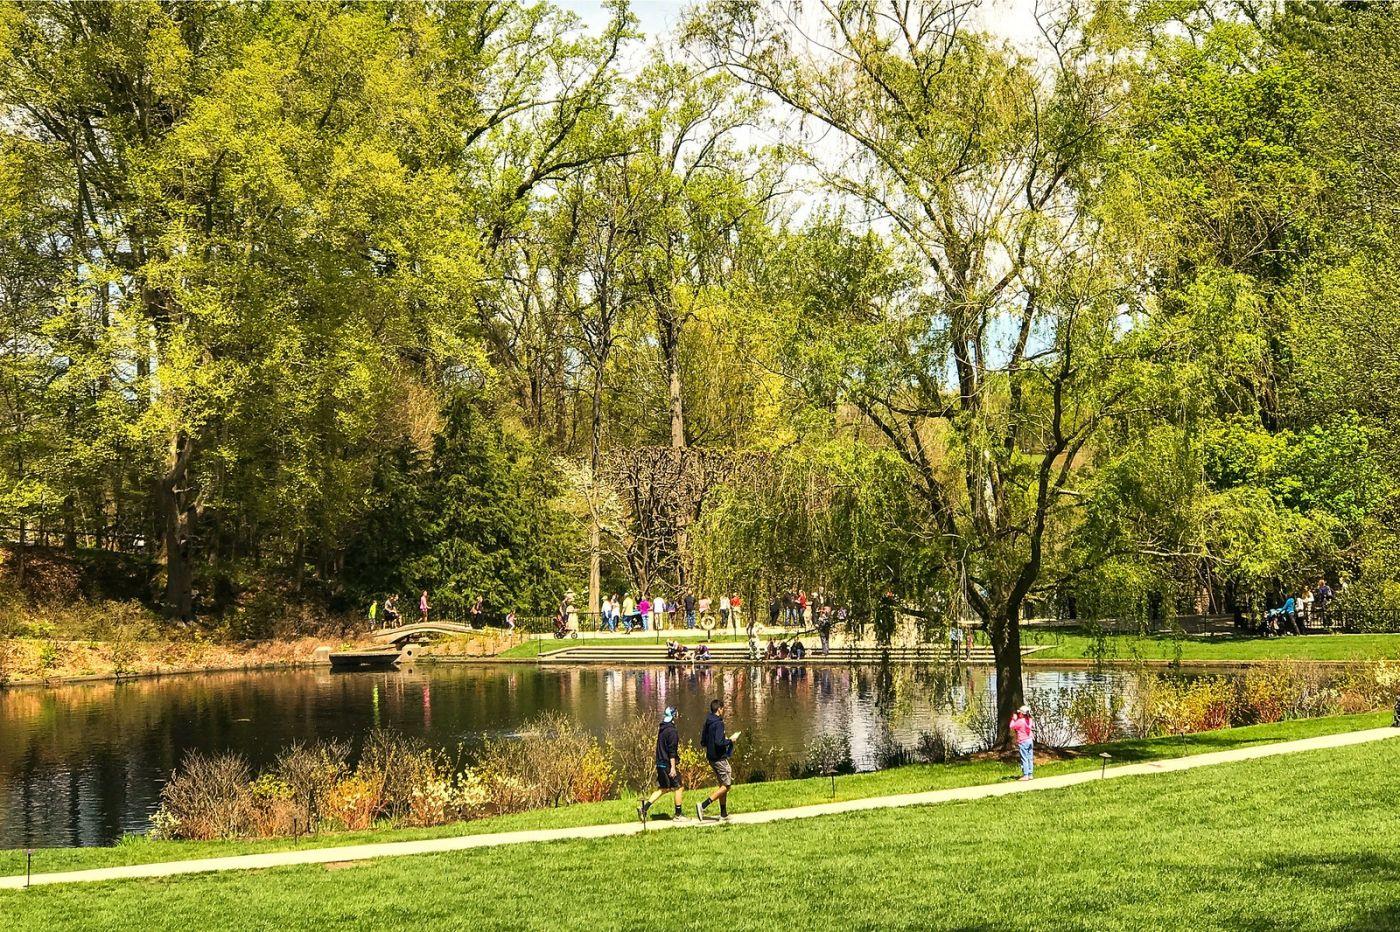 宾州长木公园,定格美好的画面_图1-7